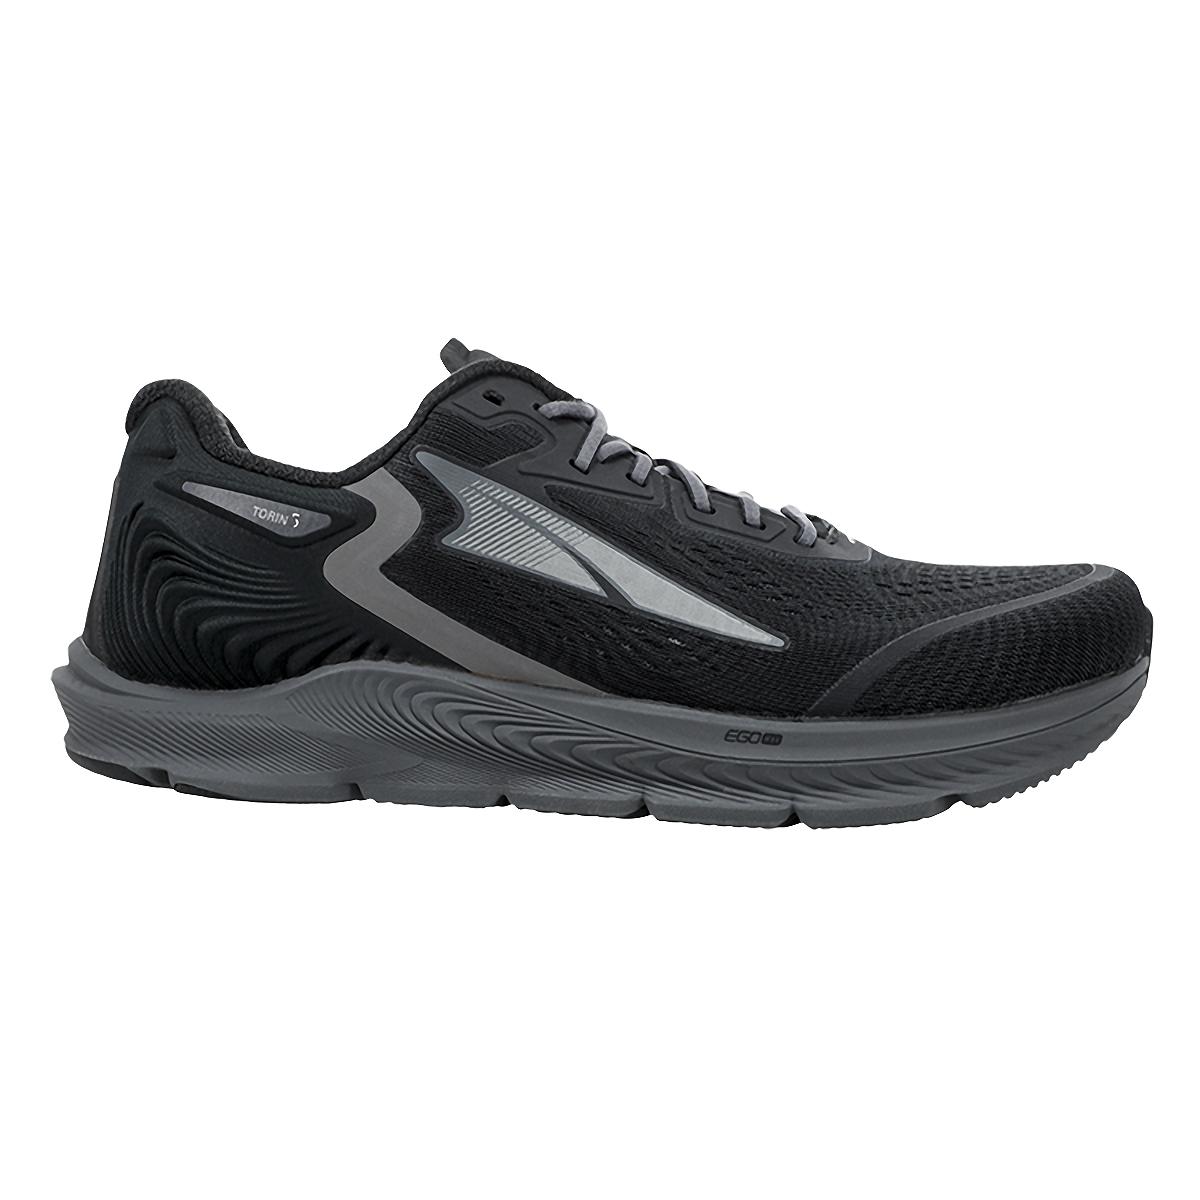 Men's Altra Torin 5 Running Shoe - Color: Black - Size: 7 - Width: Regular, Black, large, image 1